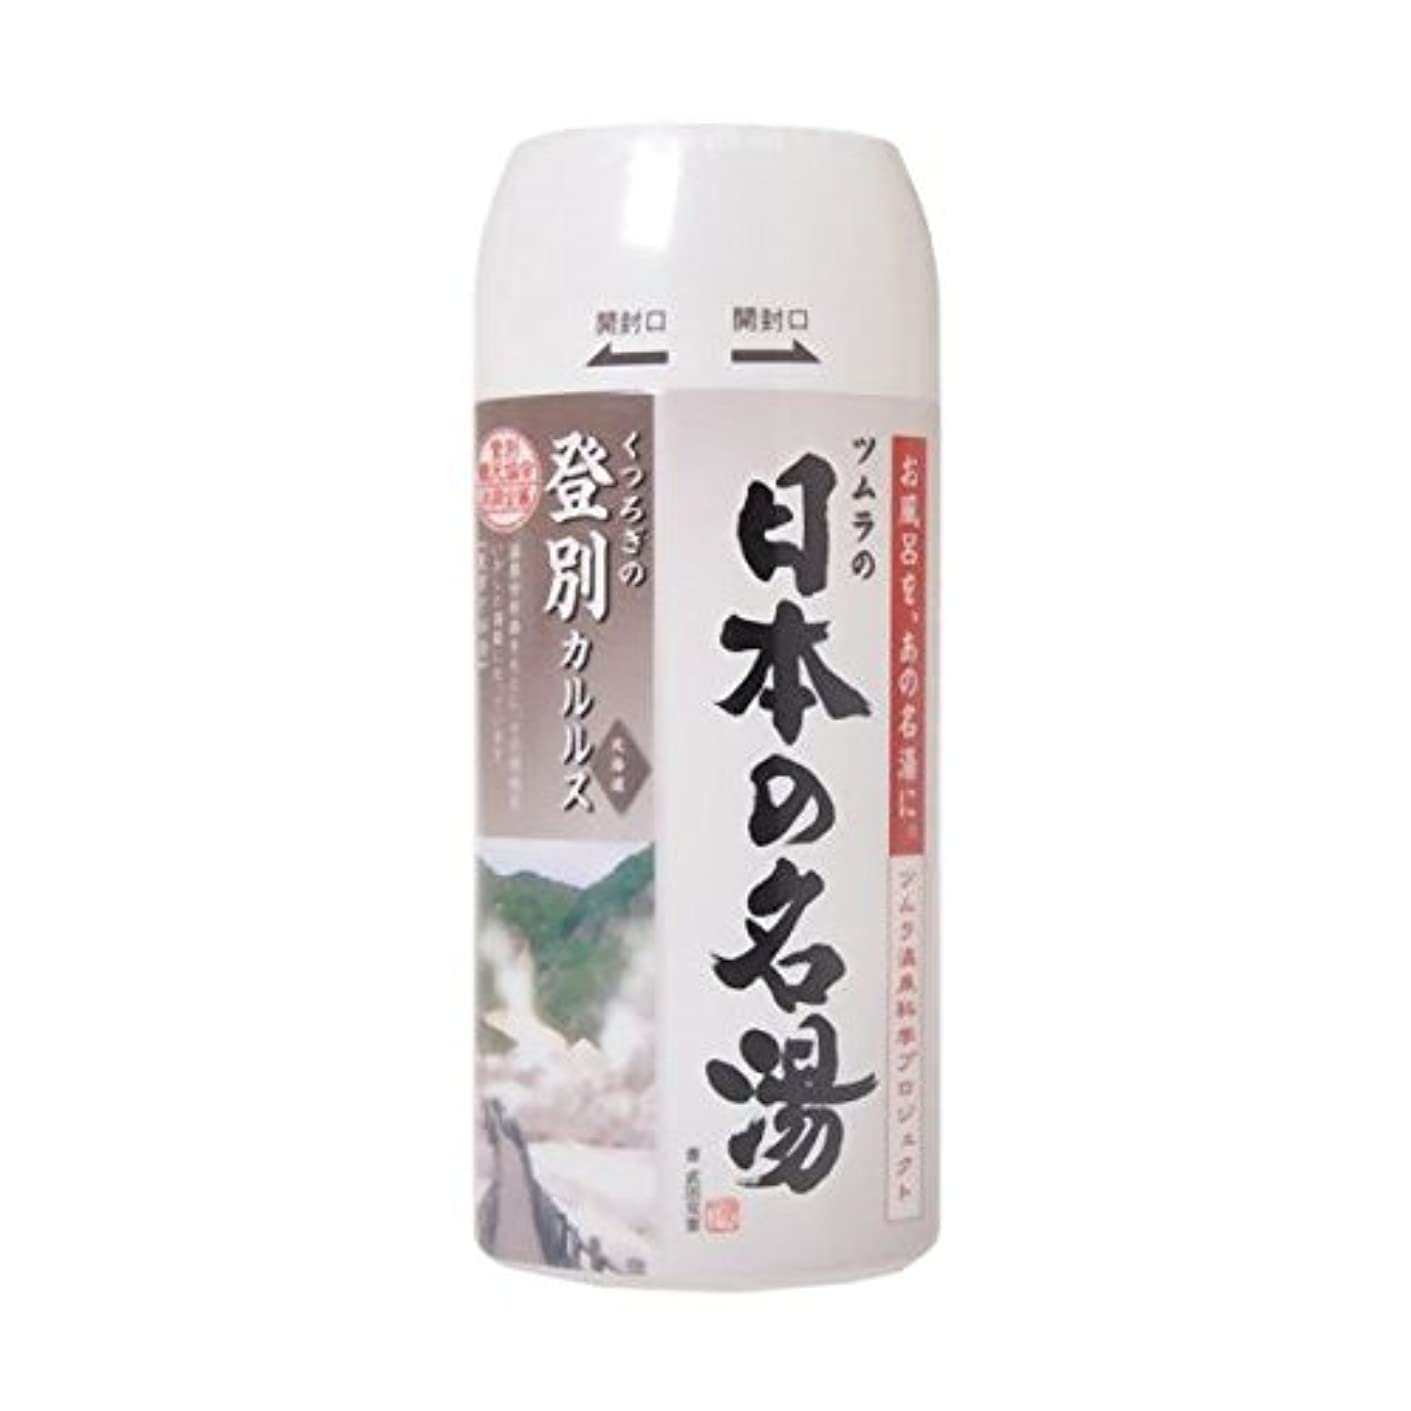 受信機強盗割り込み【お徳用 3 セット】 日本の名湯 登別カルルス 450g(入浴剤)×3セット